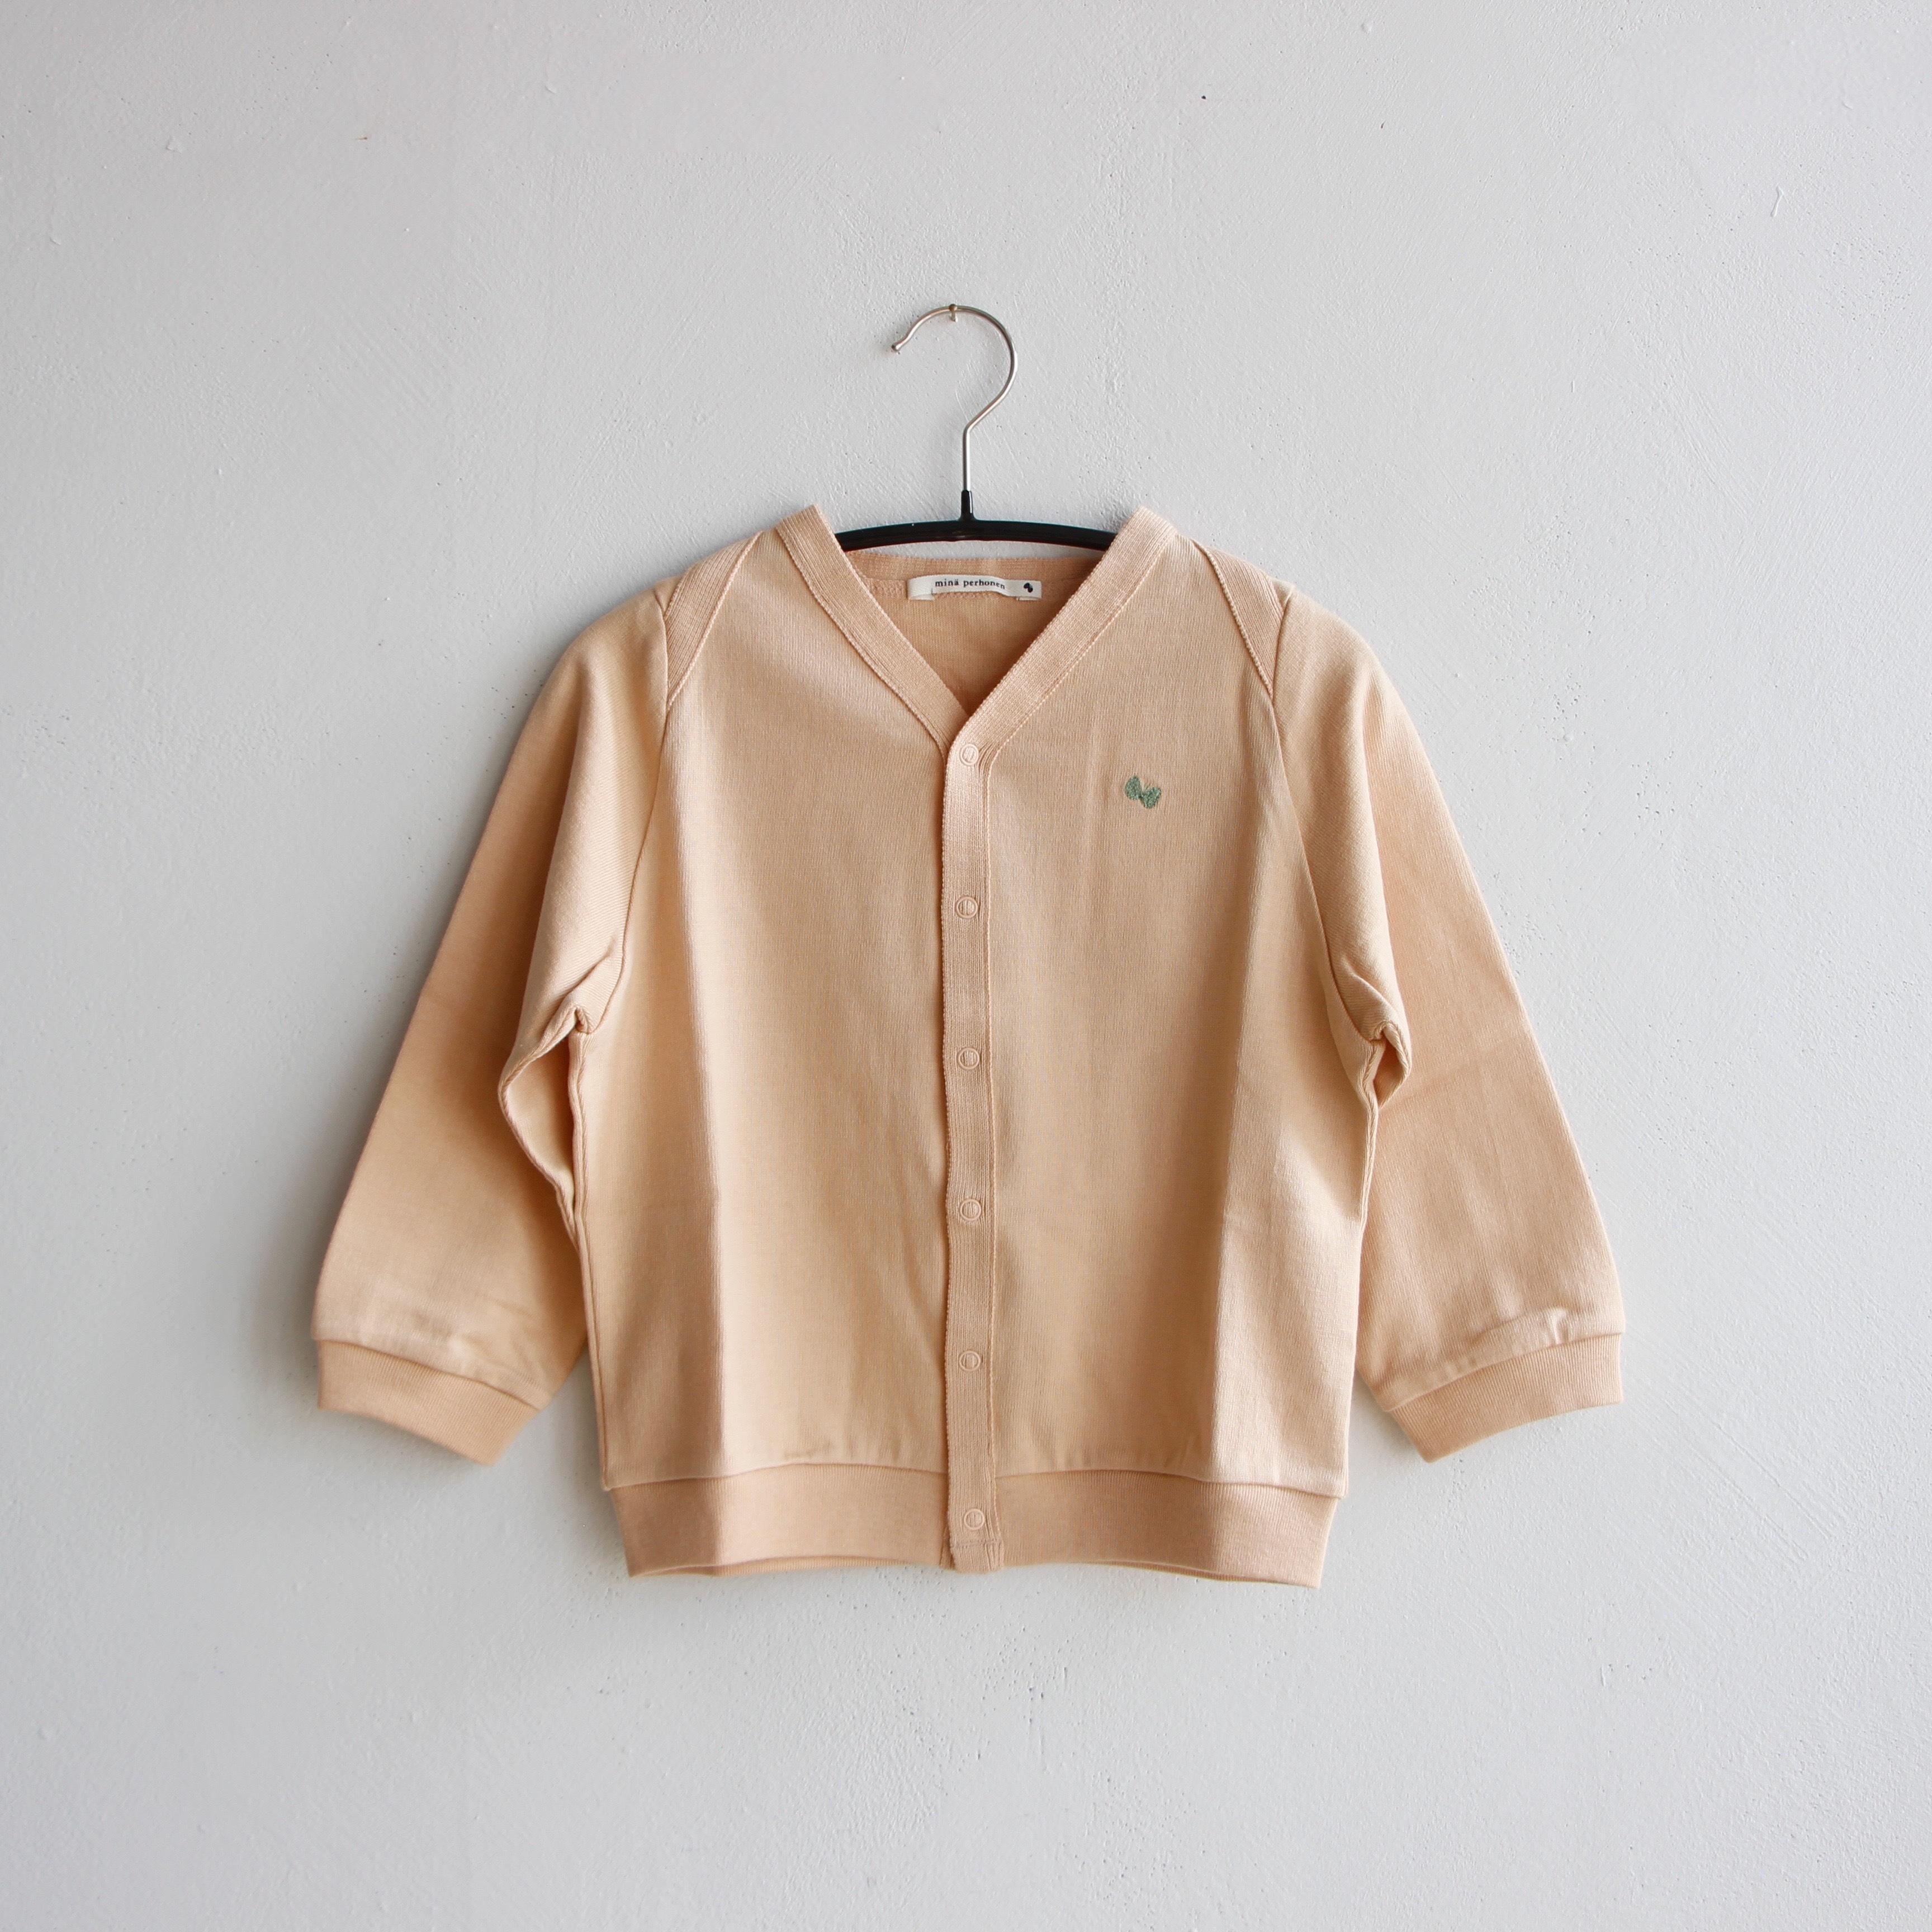 《mina perhonen 2020AW》zutto カーディガン / pink beige / 80-100cm